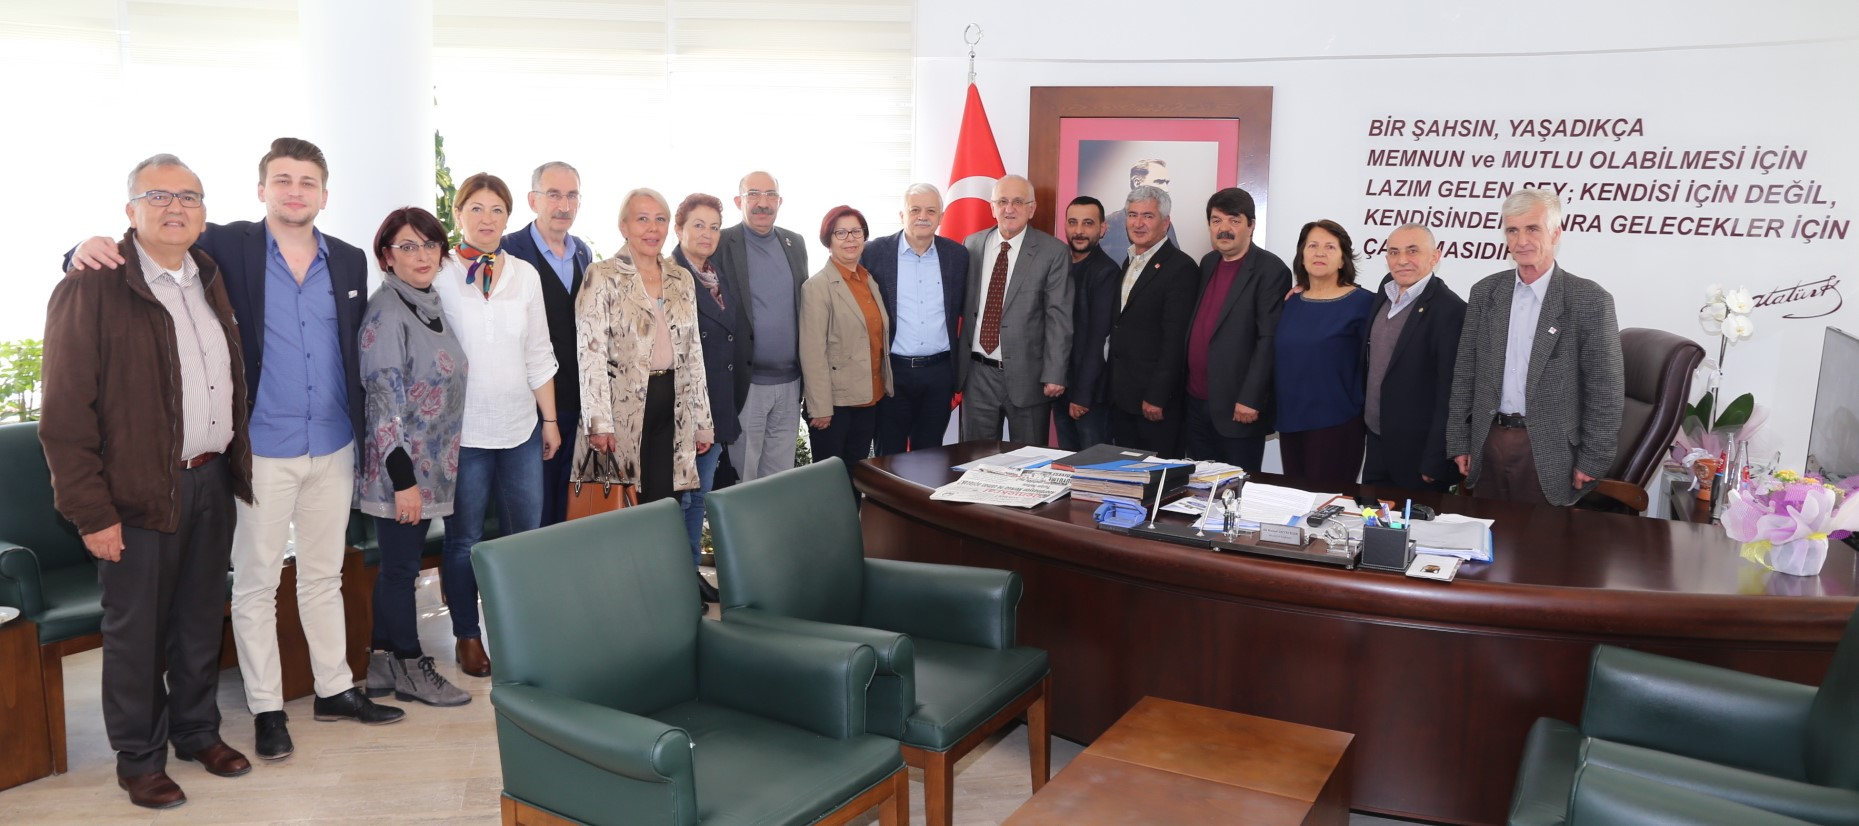 CHP Yönetiminden, Başkan Deveciler'e Hayırlı Olsun Ziyareti